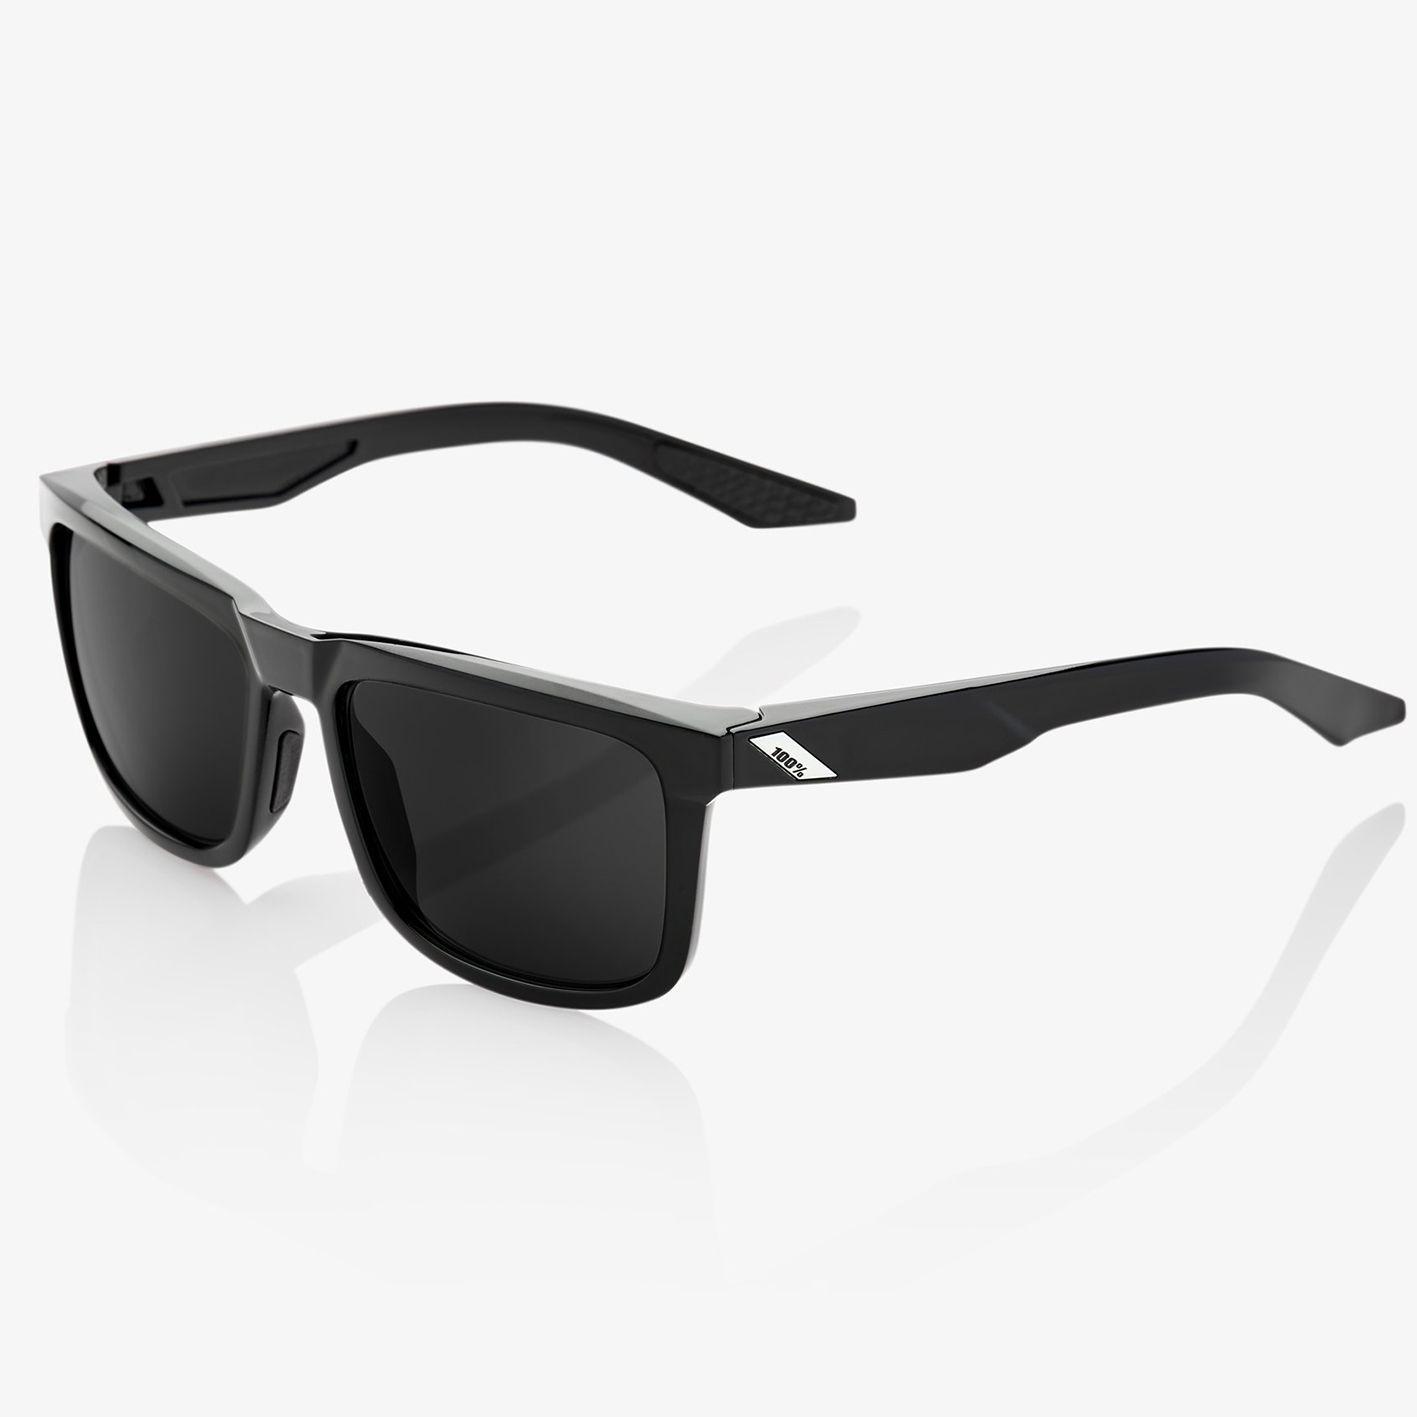 Óculos Blake 100% casual